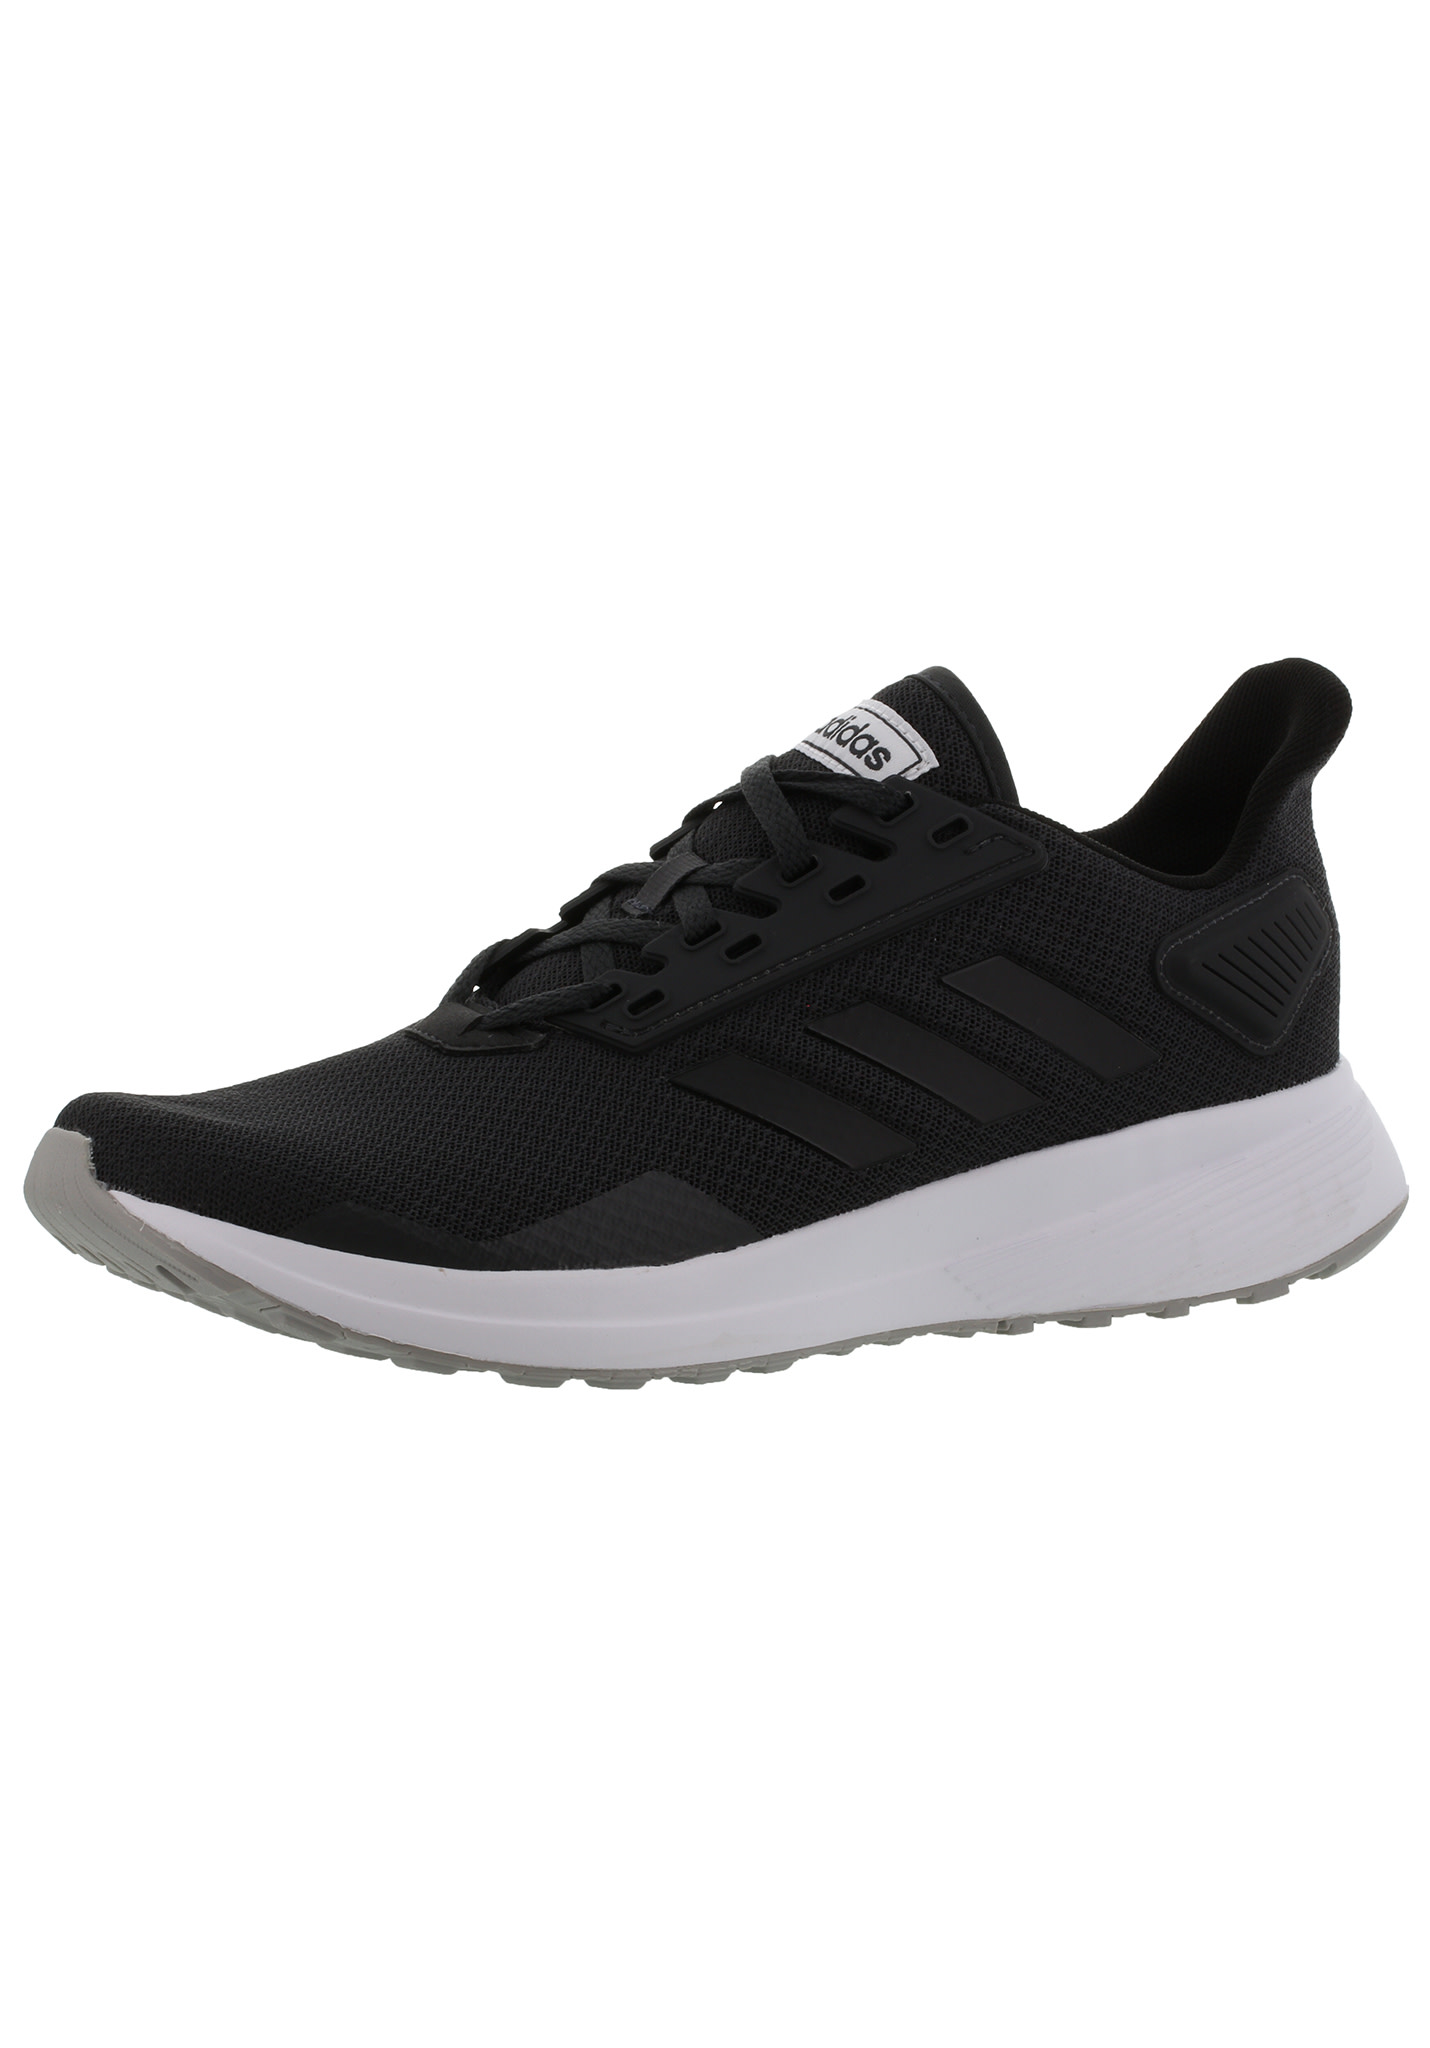 Running Duramo Pour 9 Femme Adidas Noir Chaussures rxsdtBChQ